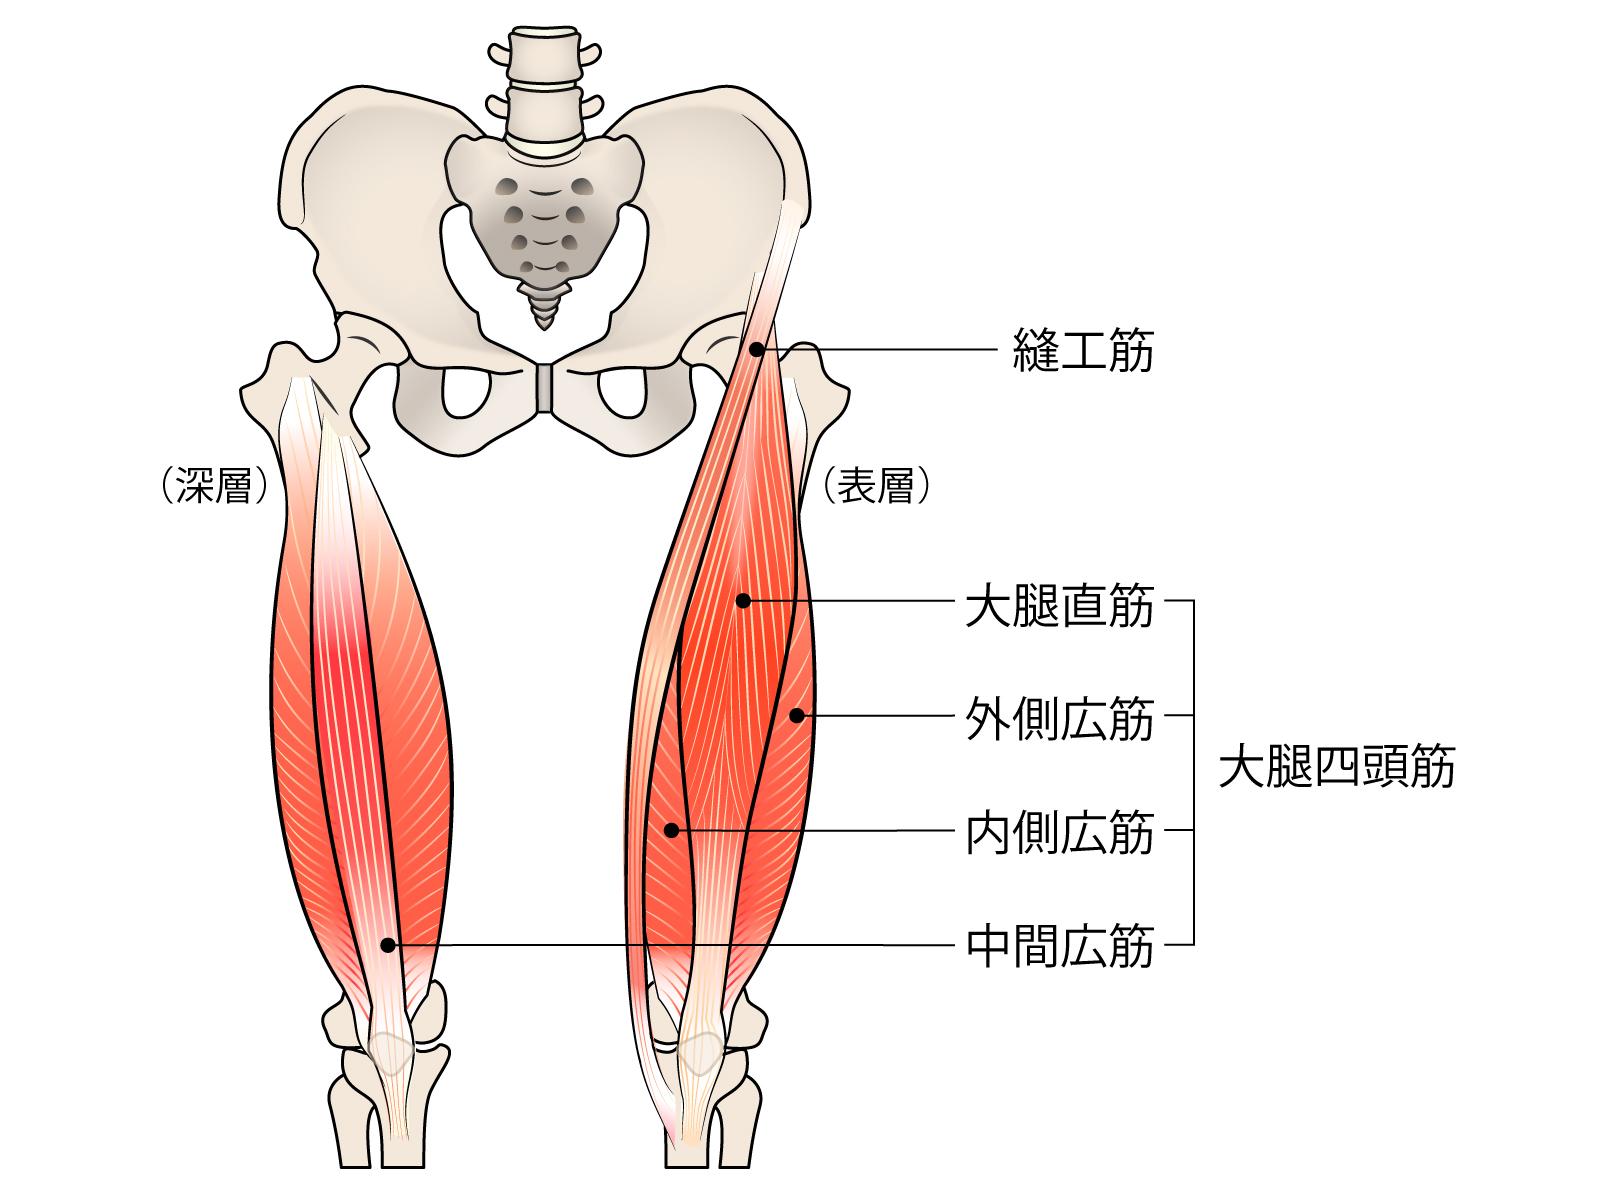 太ももの筋肉である大腿四頭筋は、大腿直筋・中間広筋・外側広筋・内側広筋にて構成されています。